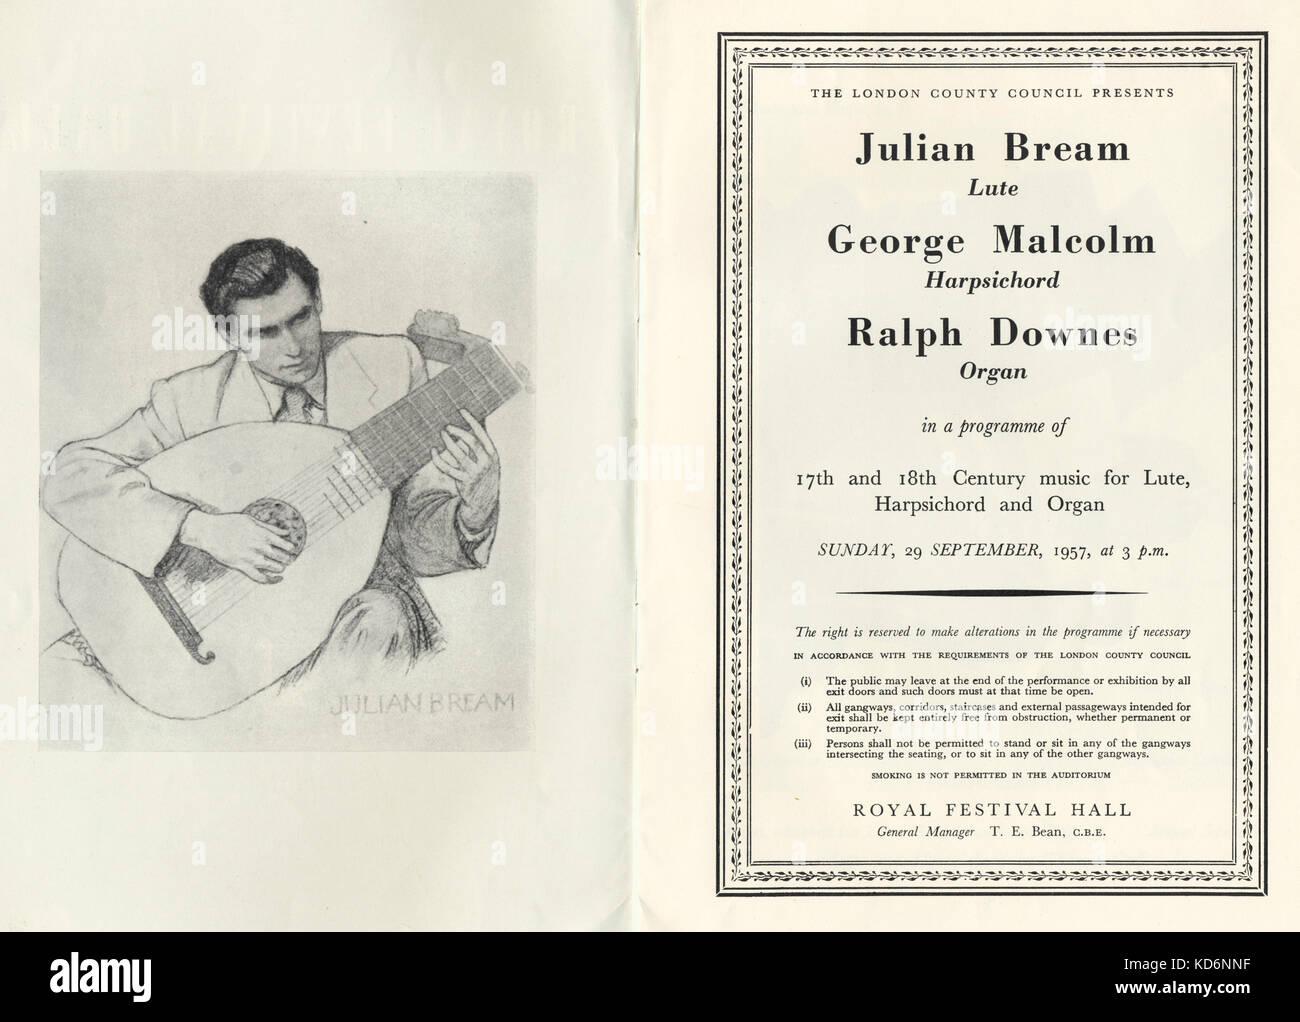 Julian Bream spielte die Laute in der Londoner Royal Festival Hall Concert Programm Zeichnung von Julian Bream, Stockbild